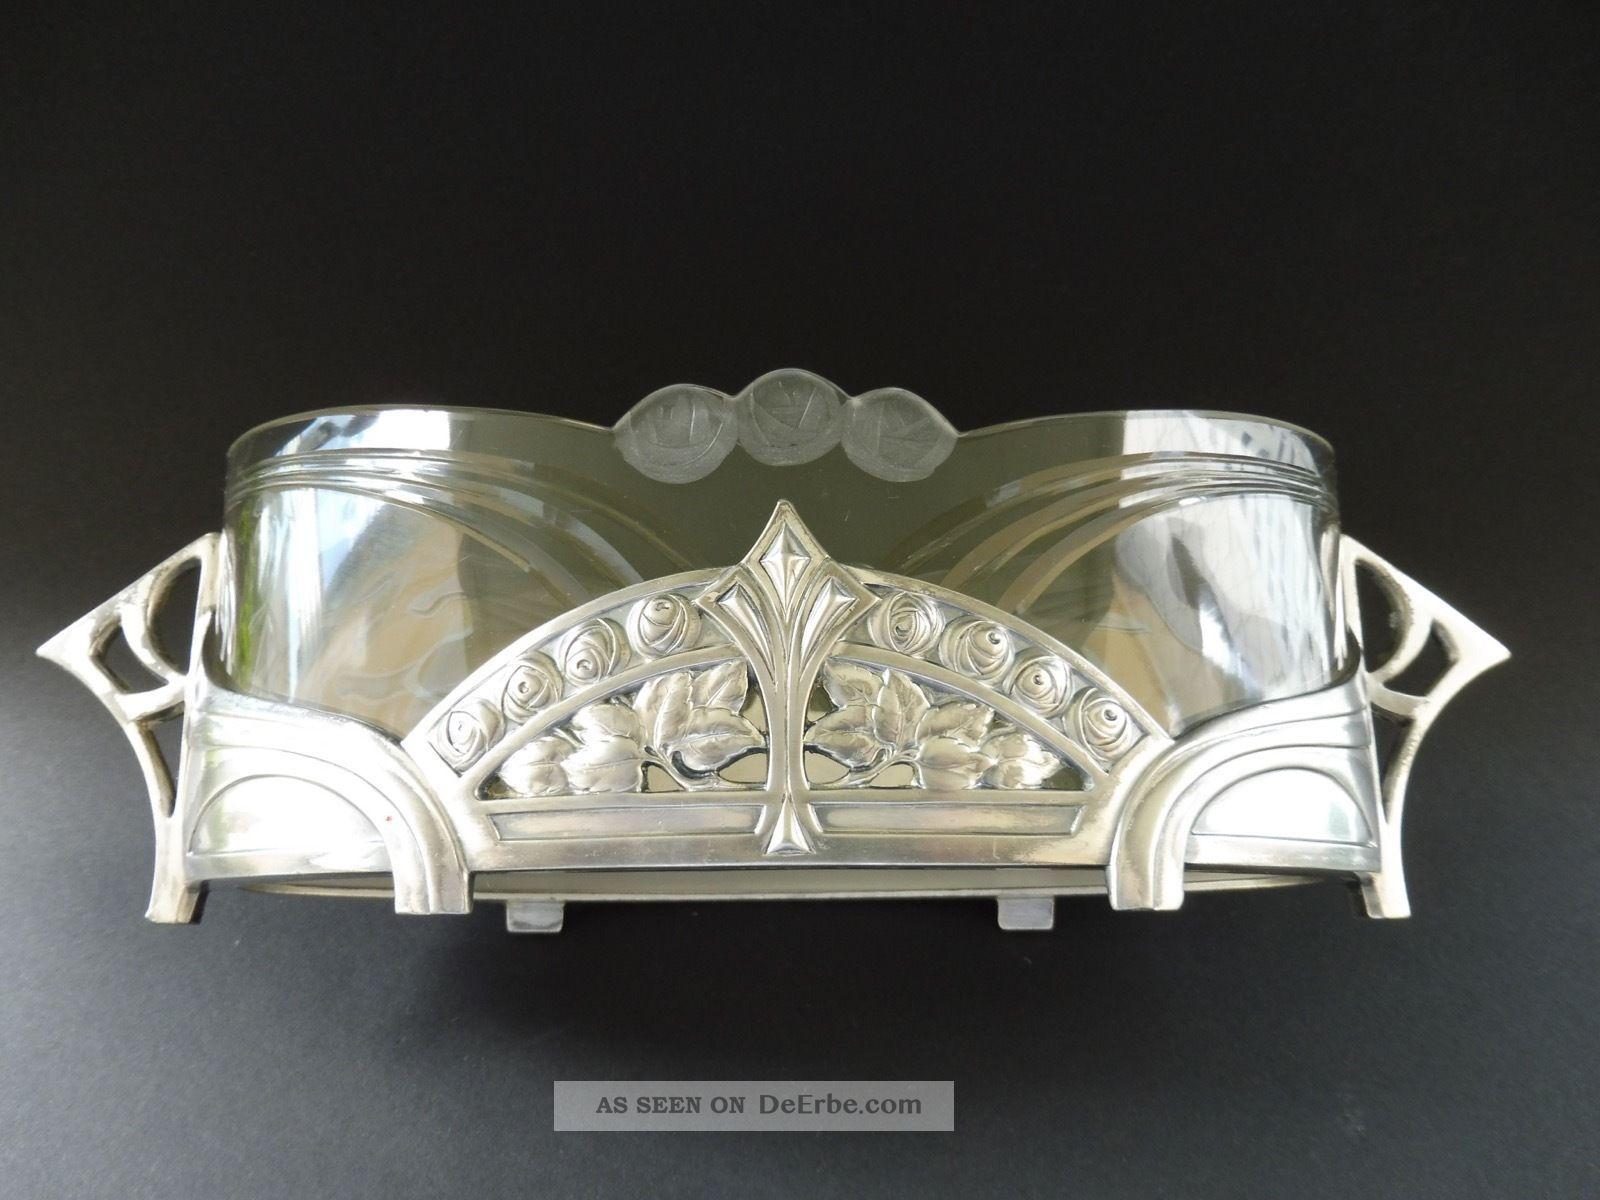 Wmf Jugendstil Jardiniere Hans Christiansen Rose Design Art Nouveau Glas Ak Cie 1890-1919, Jugendstil Bild